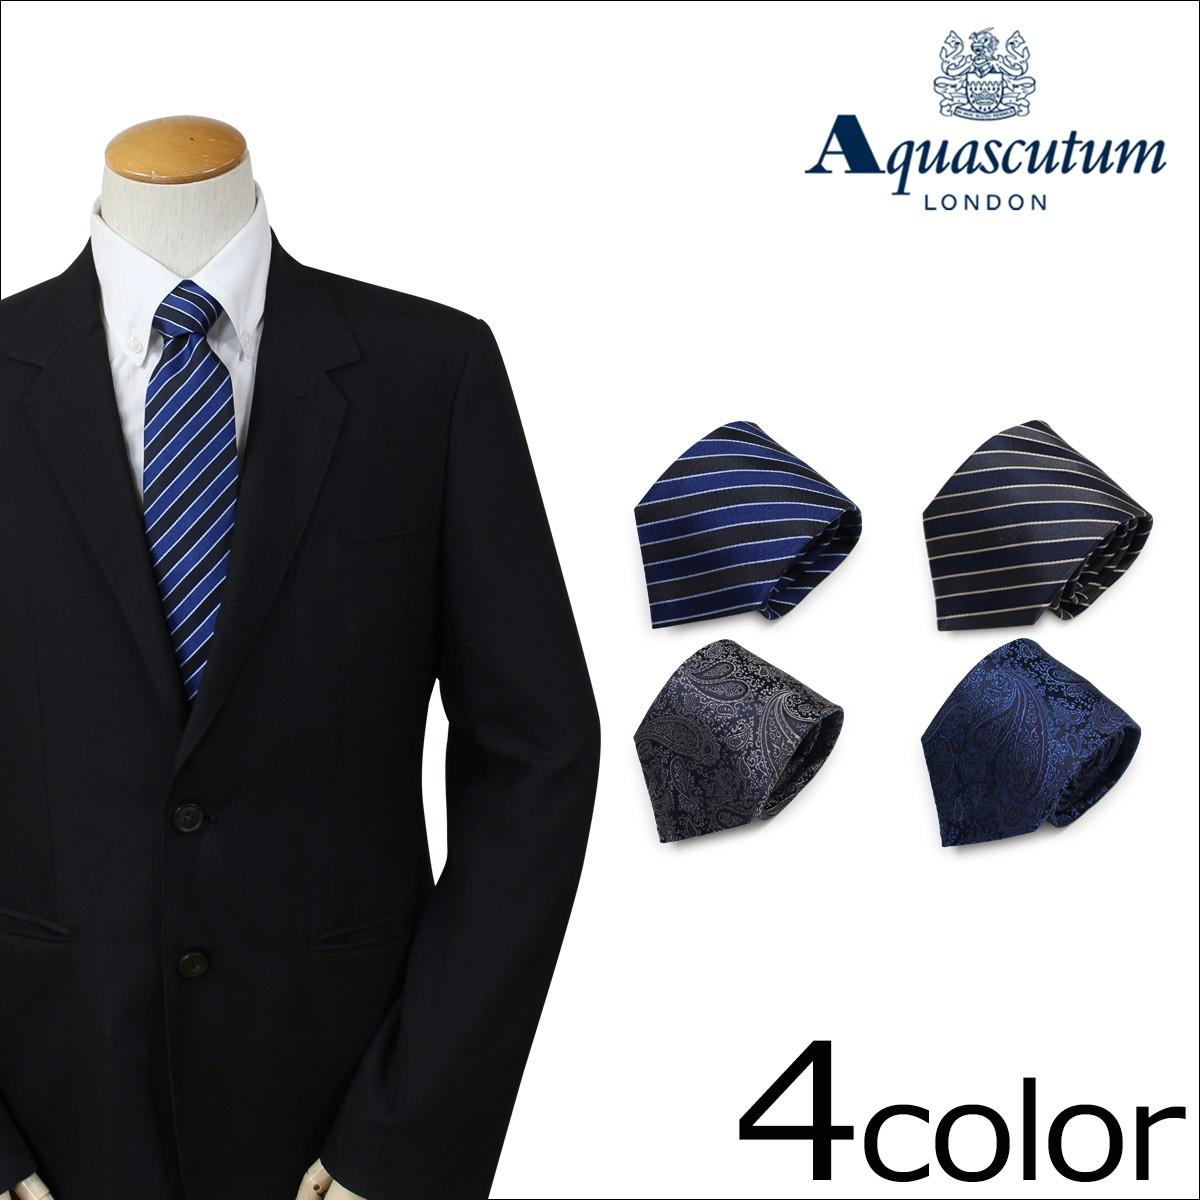 アクアスキュータム AQUASCUTUM ネクタイ イタリア製 シルク ビジネス 結婚式 メンズ [1/16 追加入荷]